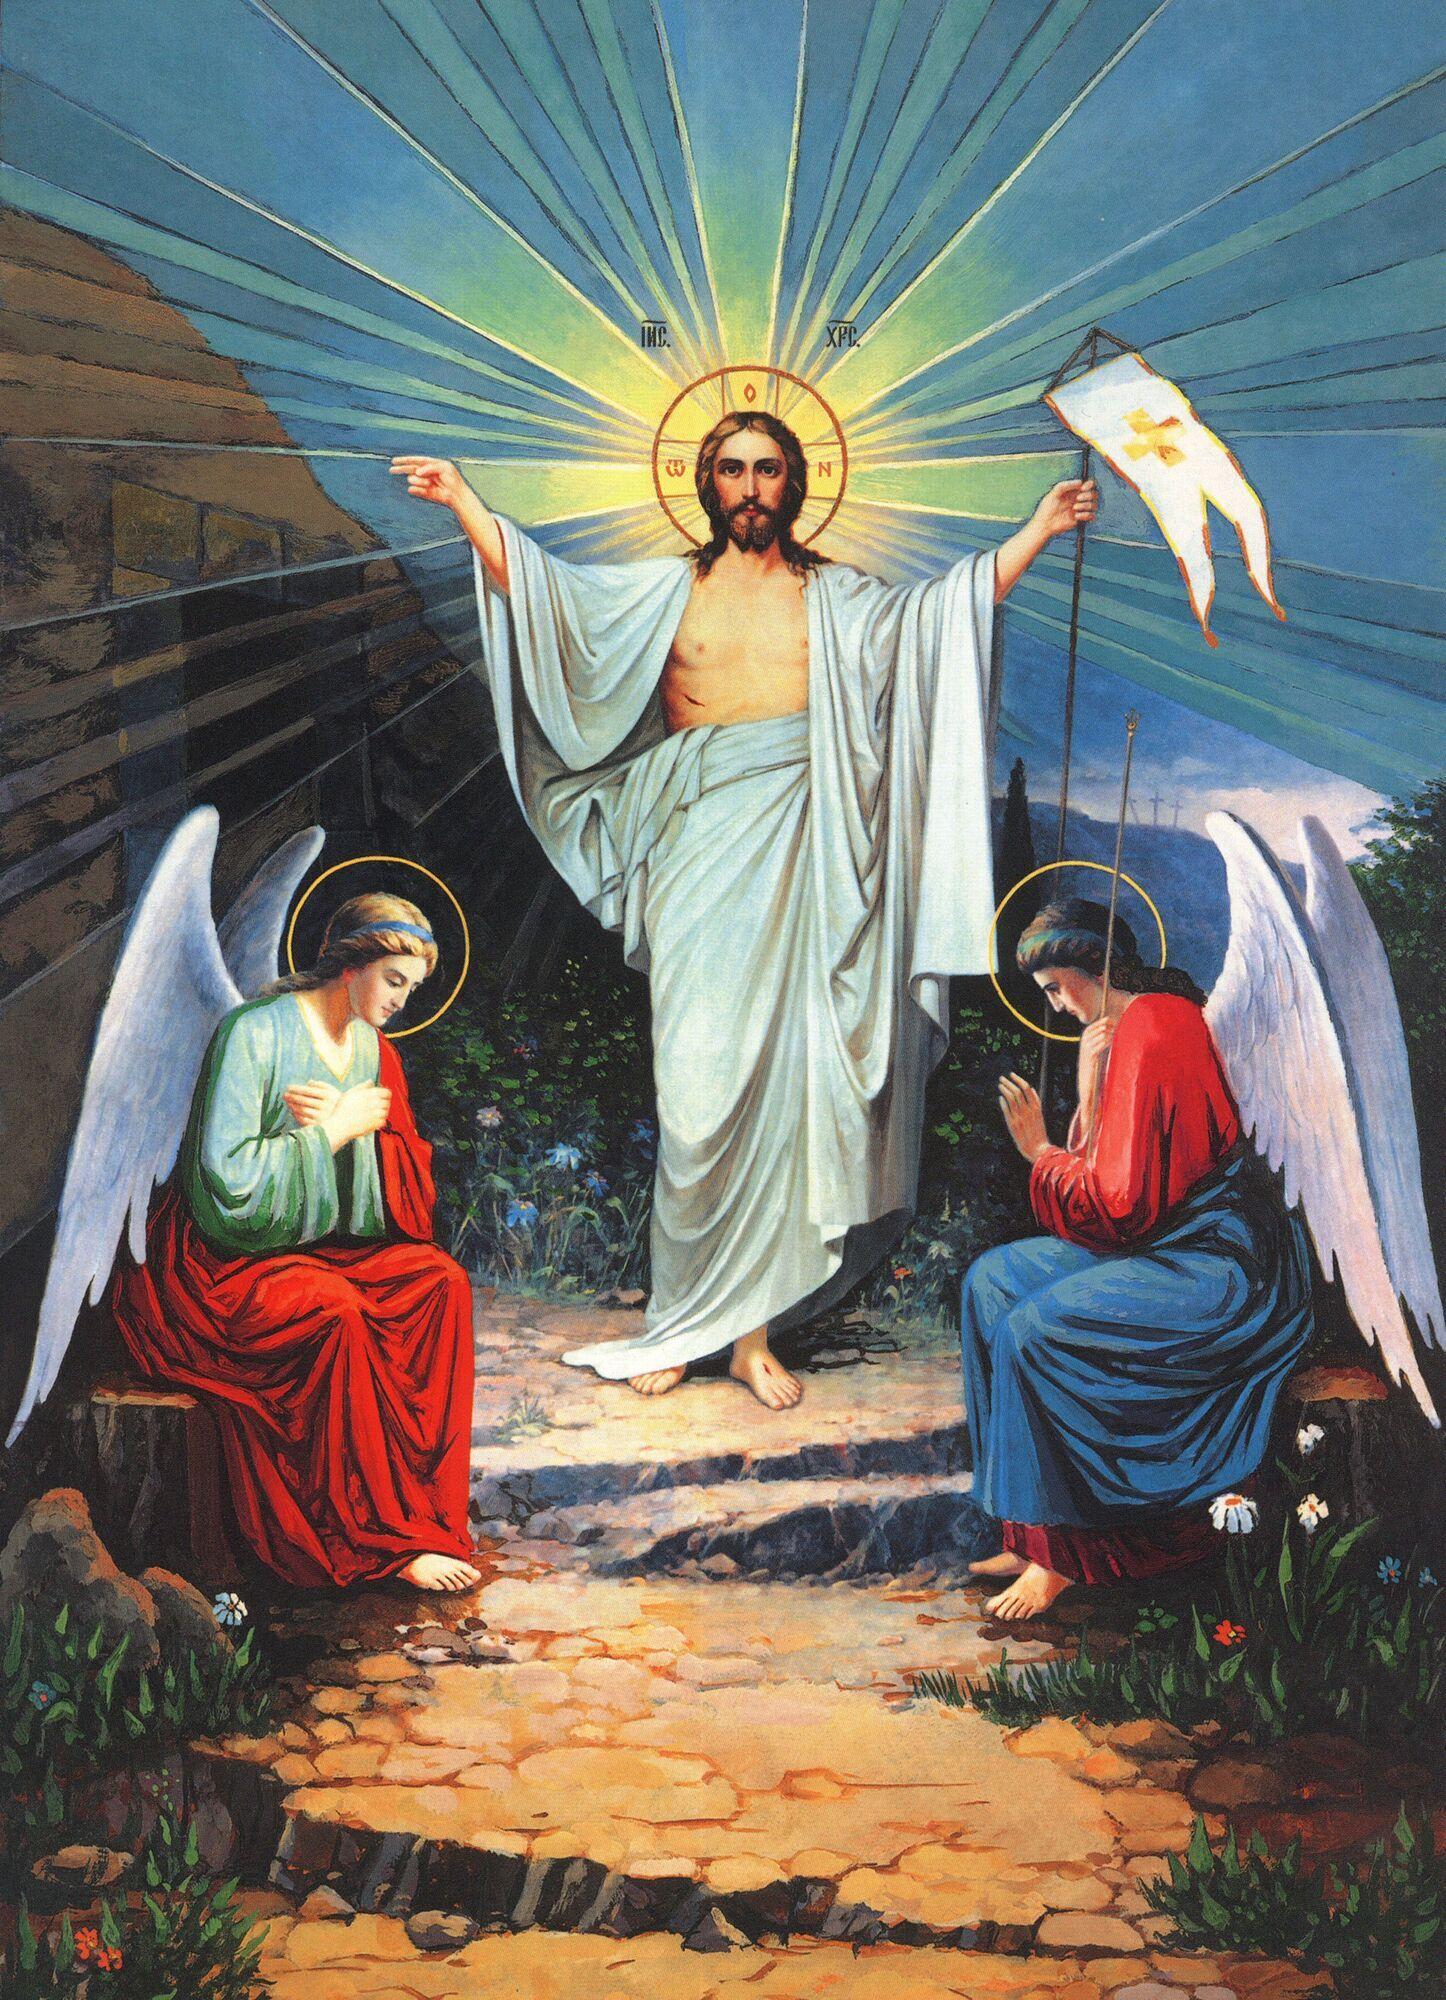 В первый день после своего воскресения Иисус Христос явился двум своим опечаленным ученикам